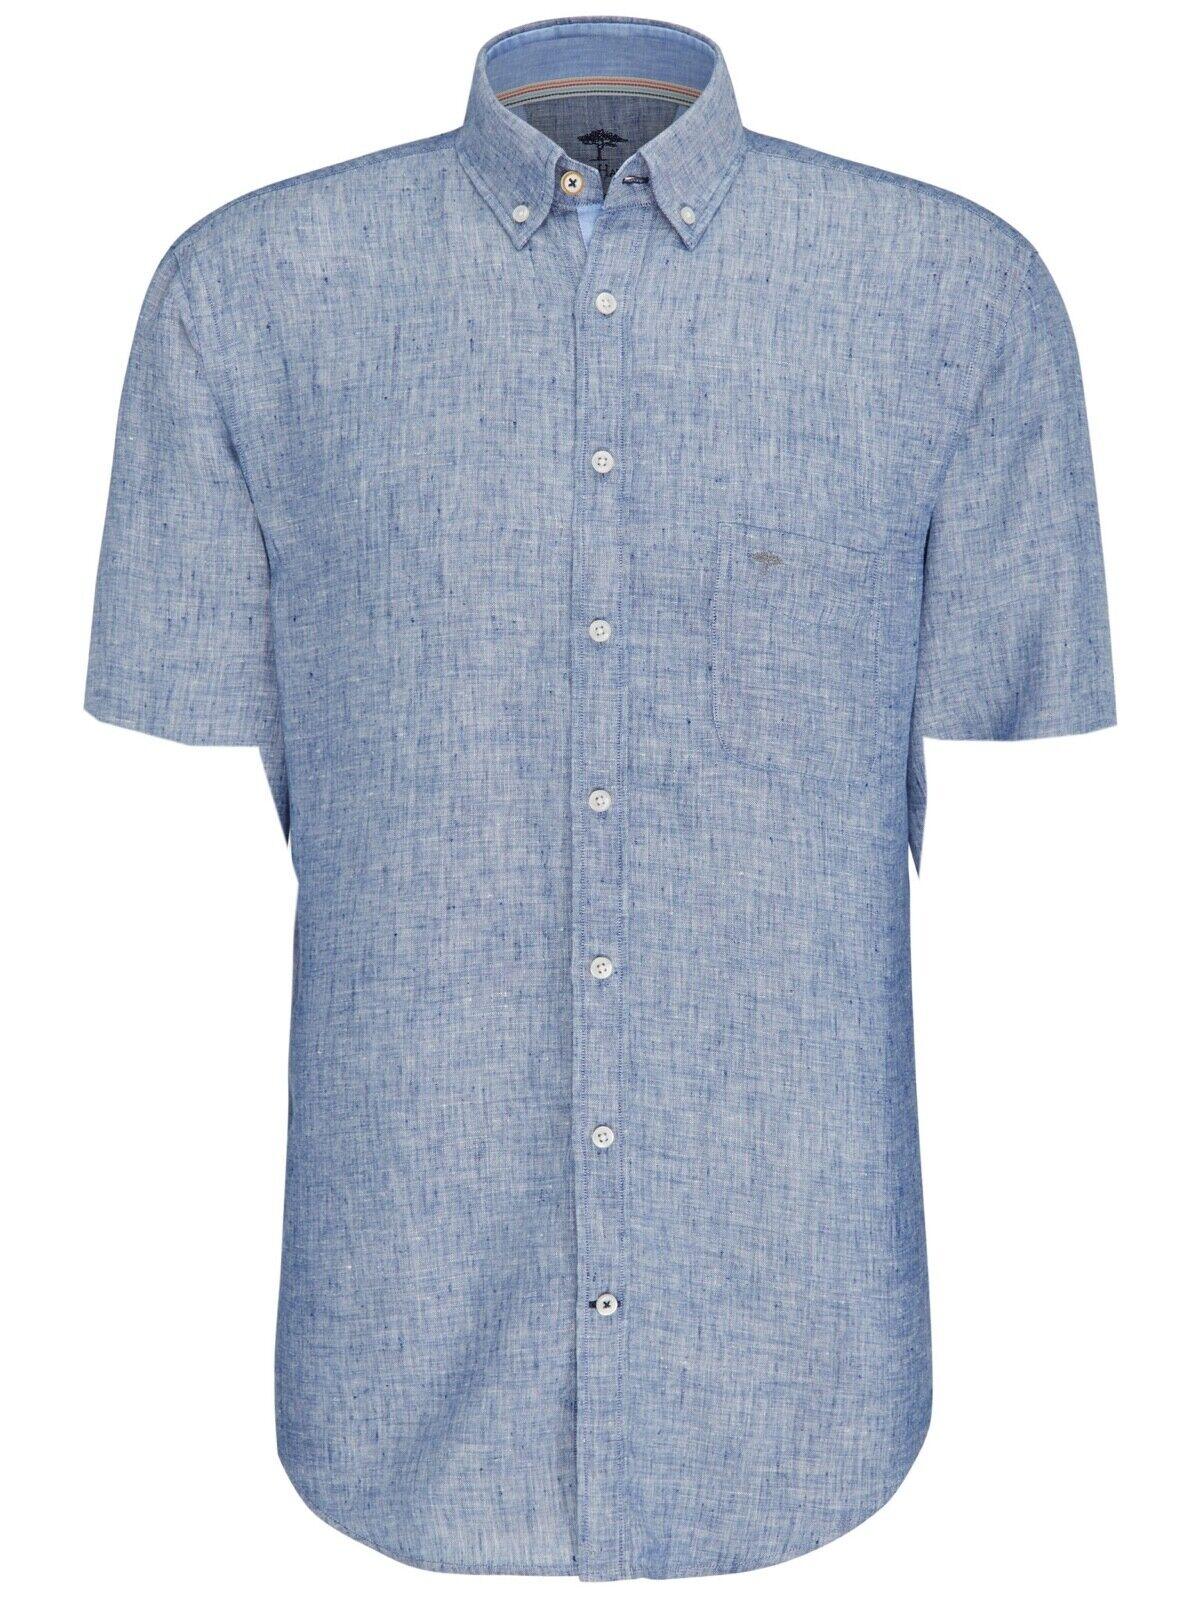 FYNCH HATTON® Linen Linen Linen Short Sleeve Shirt Navy - XL New SS19 | Hochwertige Produkte  6aaeed